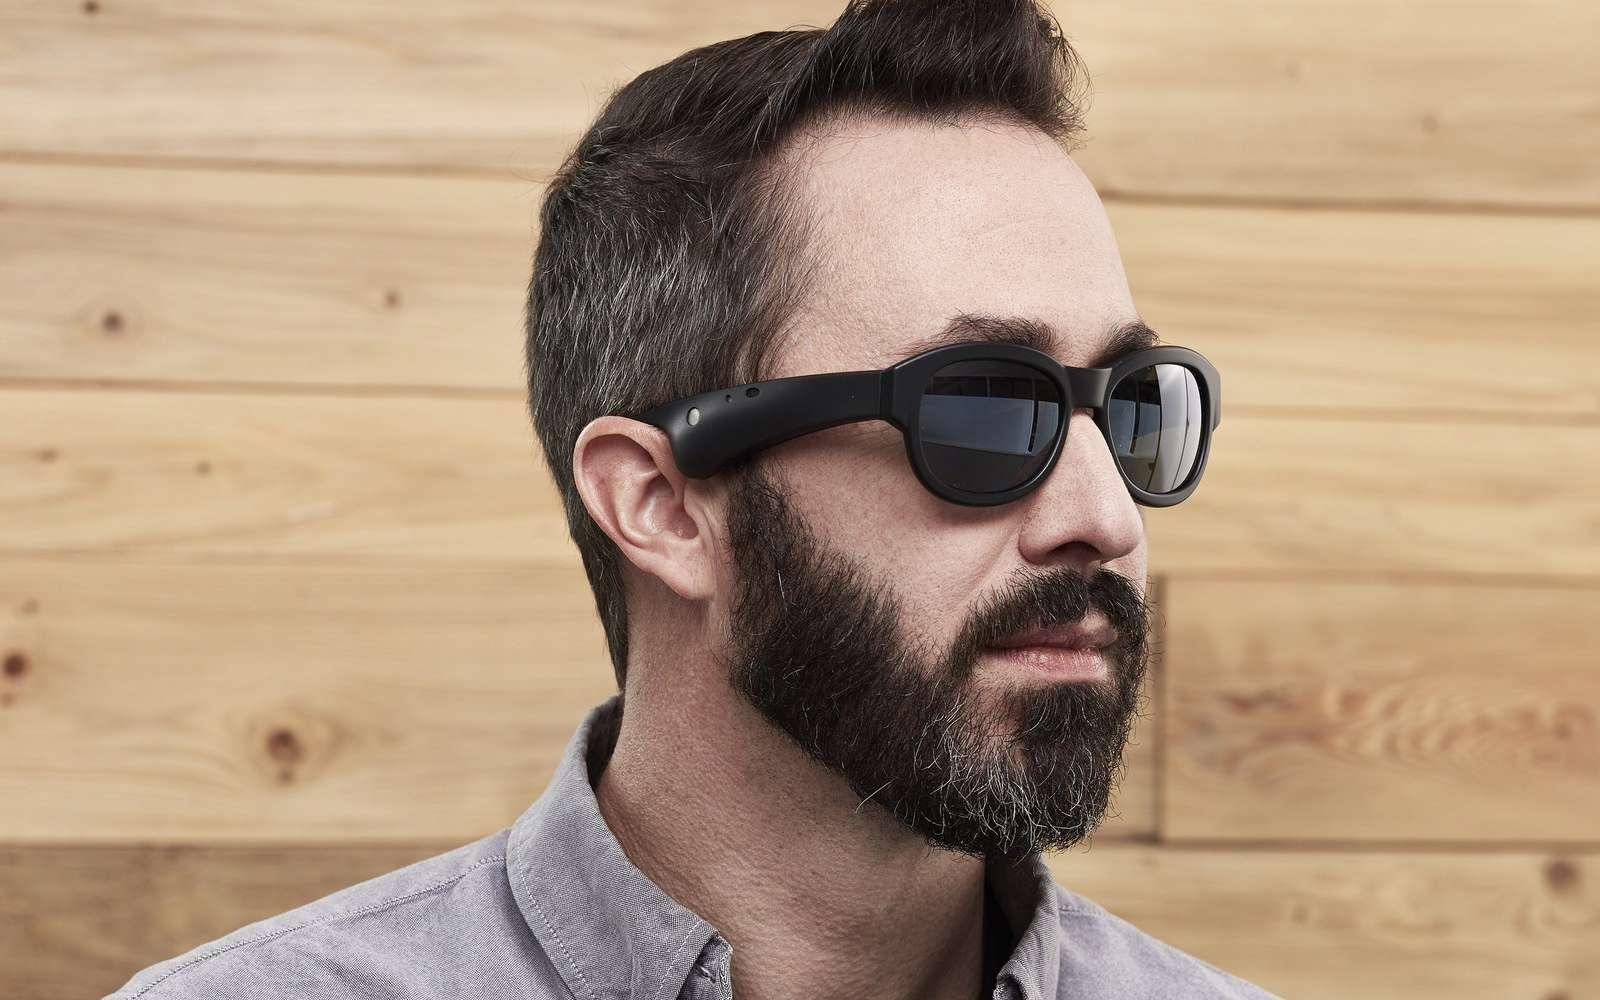 La plateforme Bose AR permet de la réalité augmentée audio qui peut fonctionner avec les applications mobiles existantes. © Bose